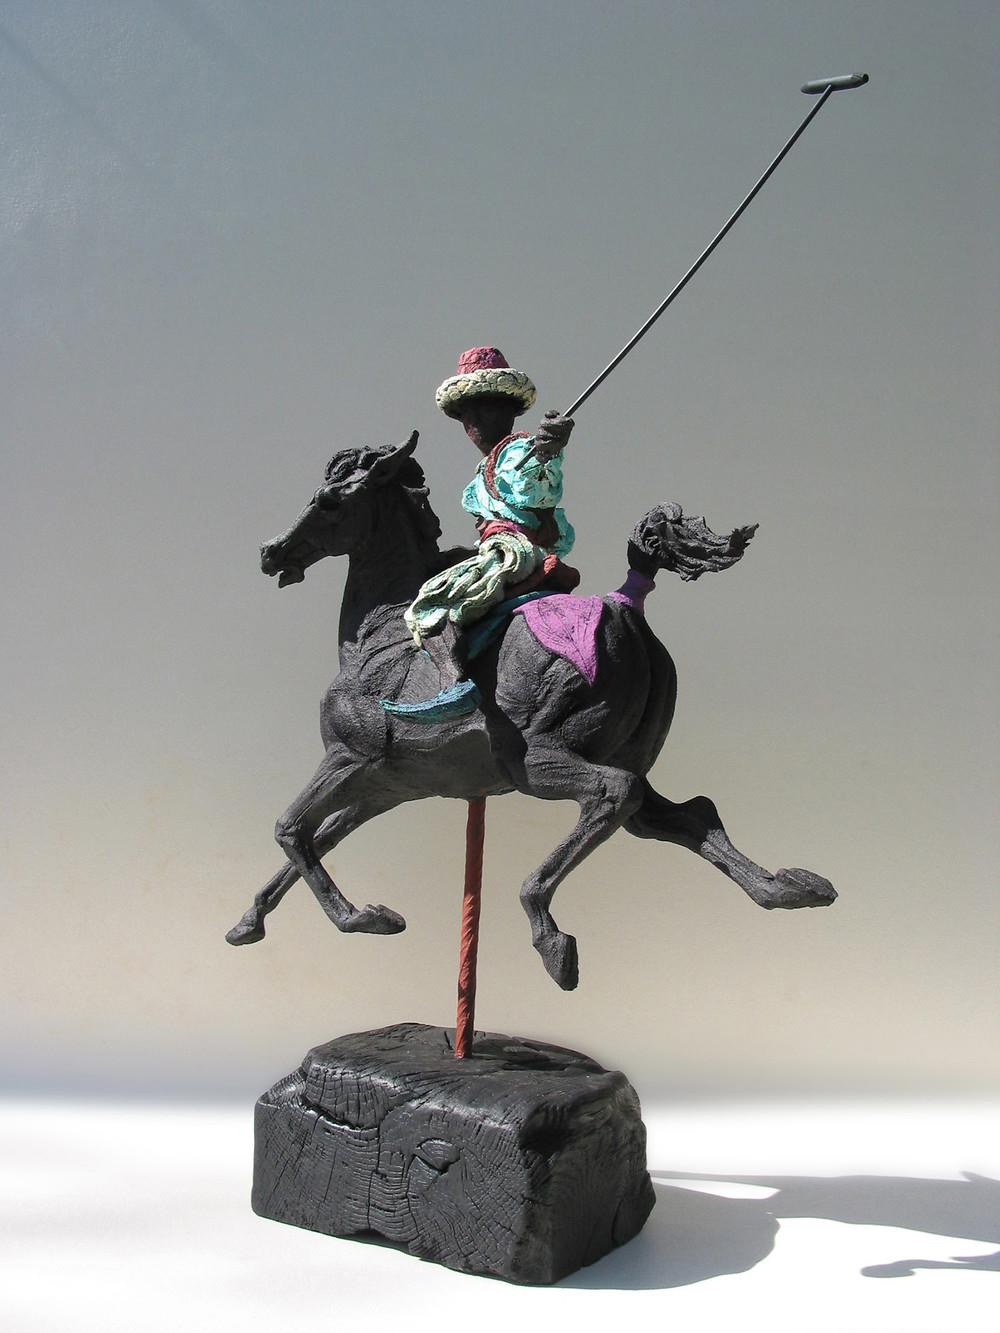 Persian Polo lll  ©  74 cm high x 58 cm wide  Unique